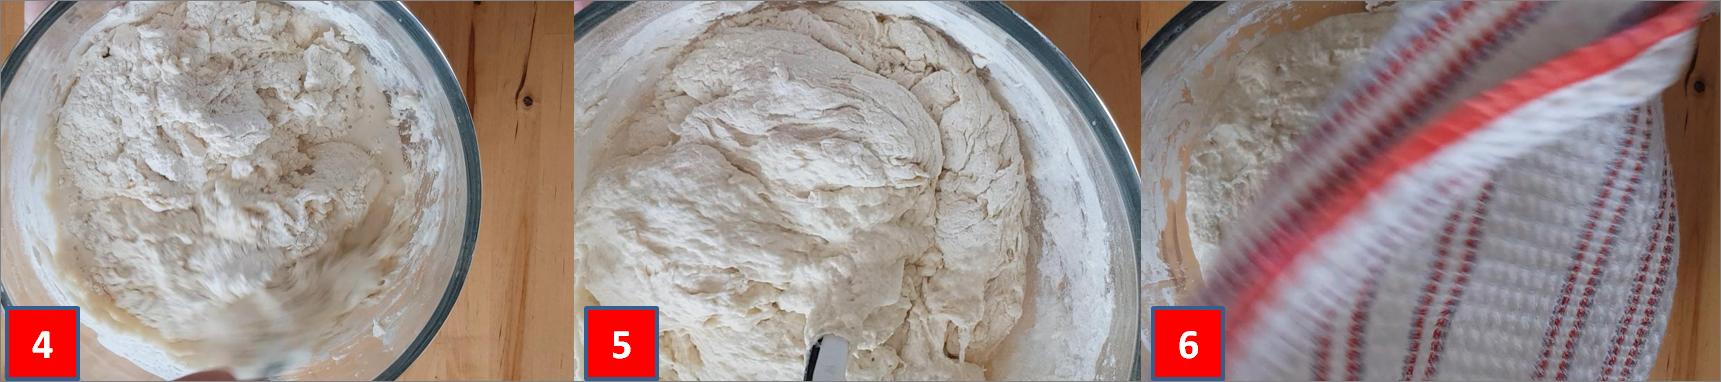 ricetta passo passo pane fatto in casa 2